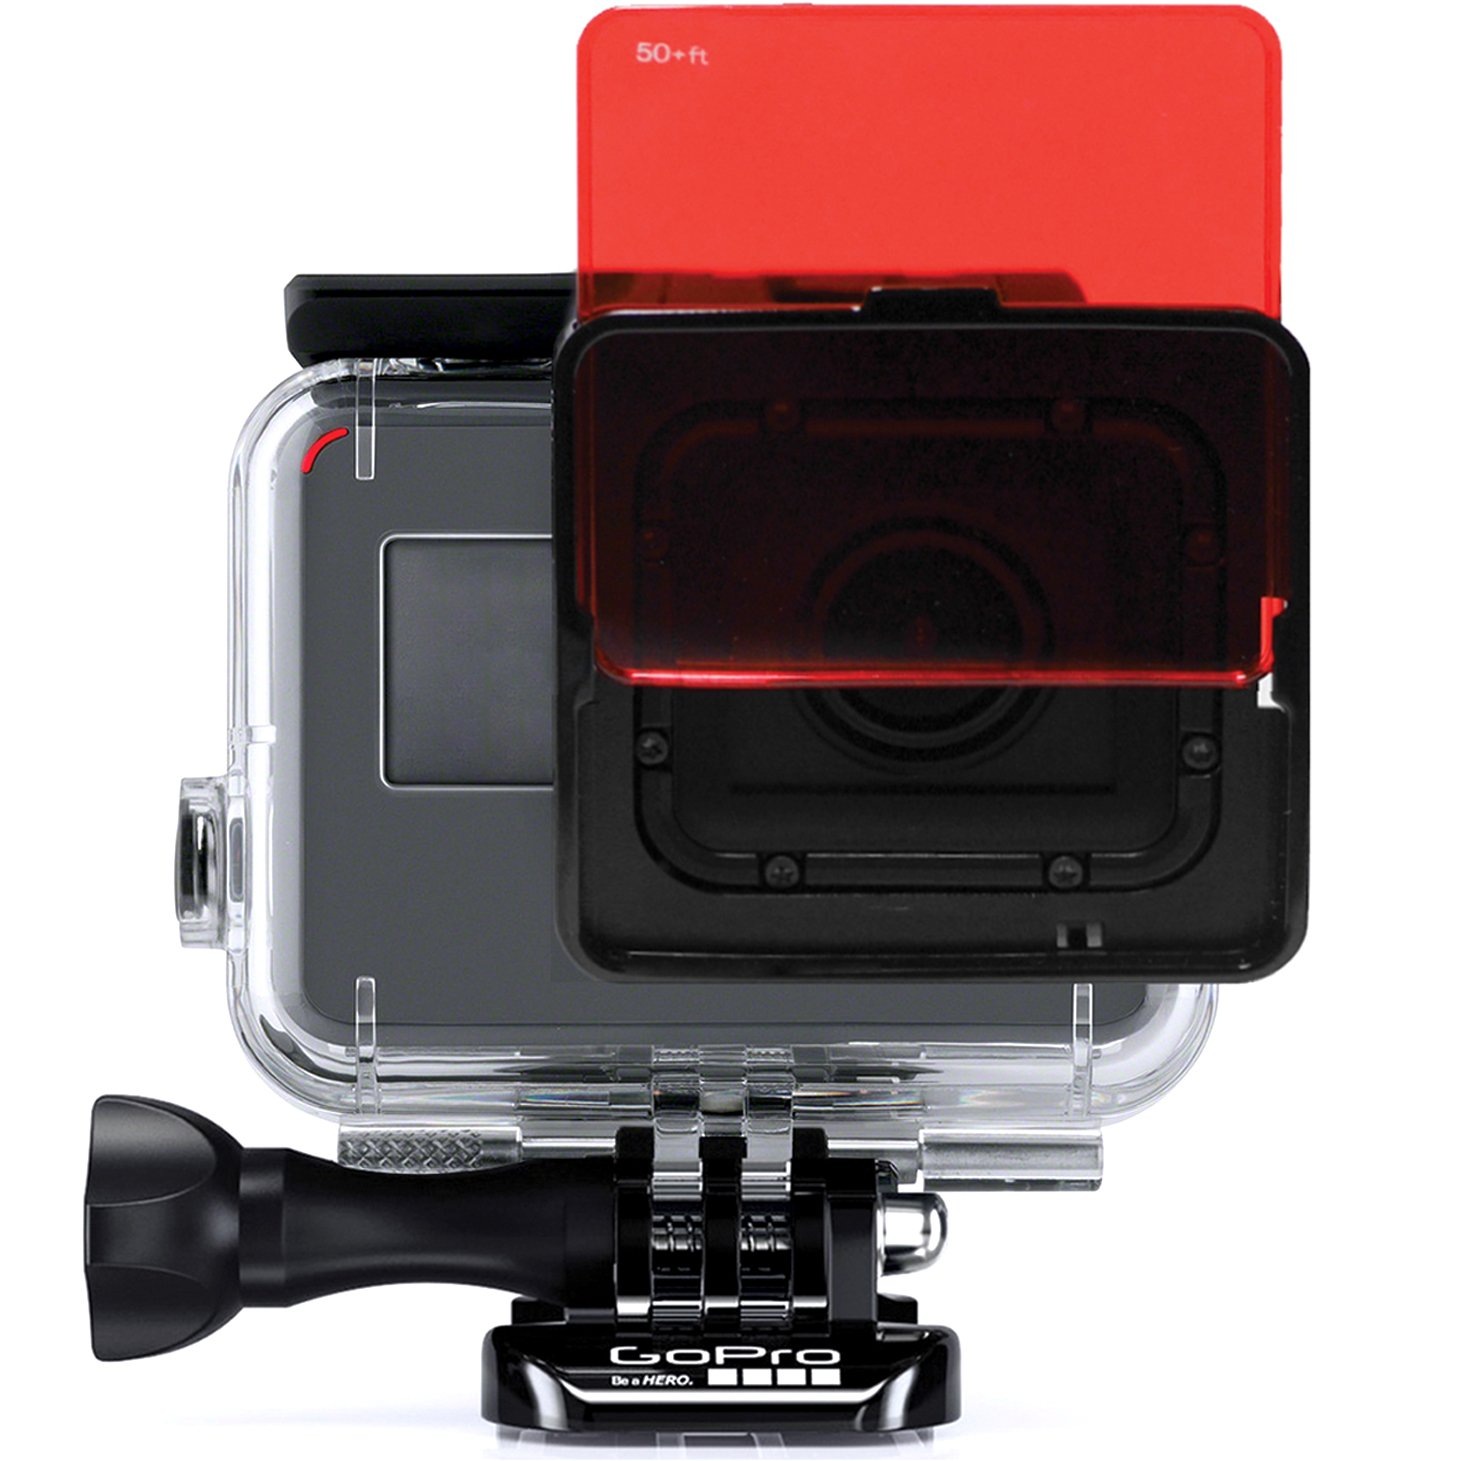 SANDMARC Aqua Filter: Filtro de buceo para GoPro Hero 4 / 3+ - Set de filtros rojo, magenta y amarillo - 5 Pack - Accesorios de buceo y snorkel SM-219